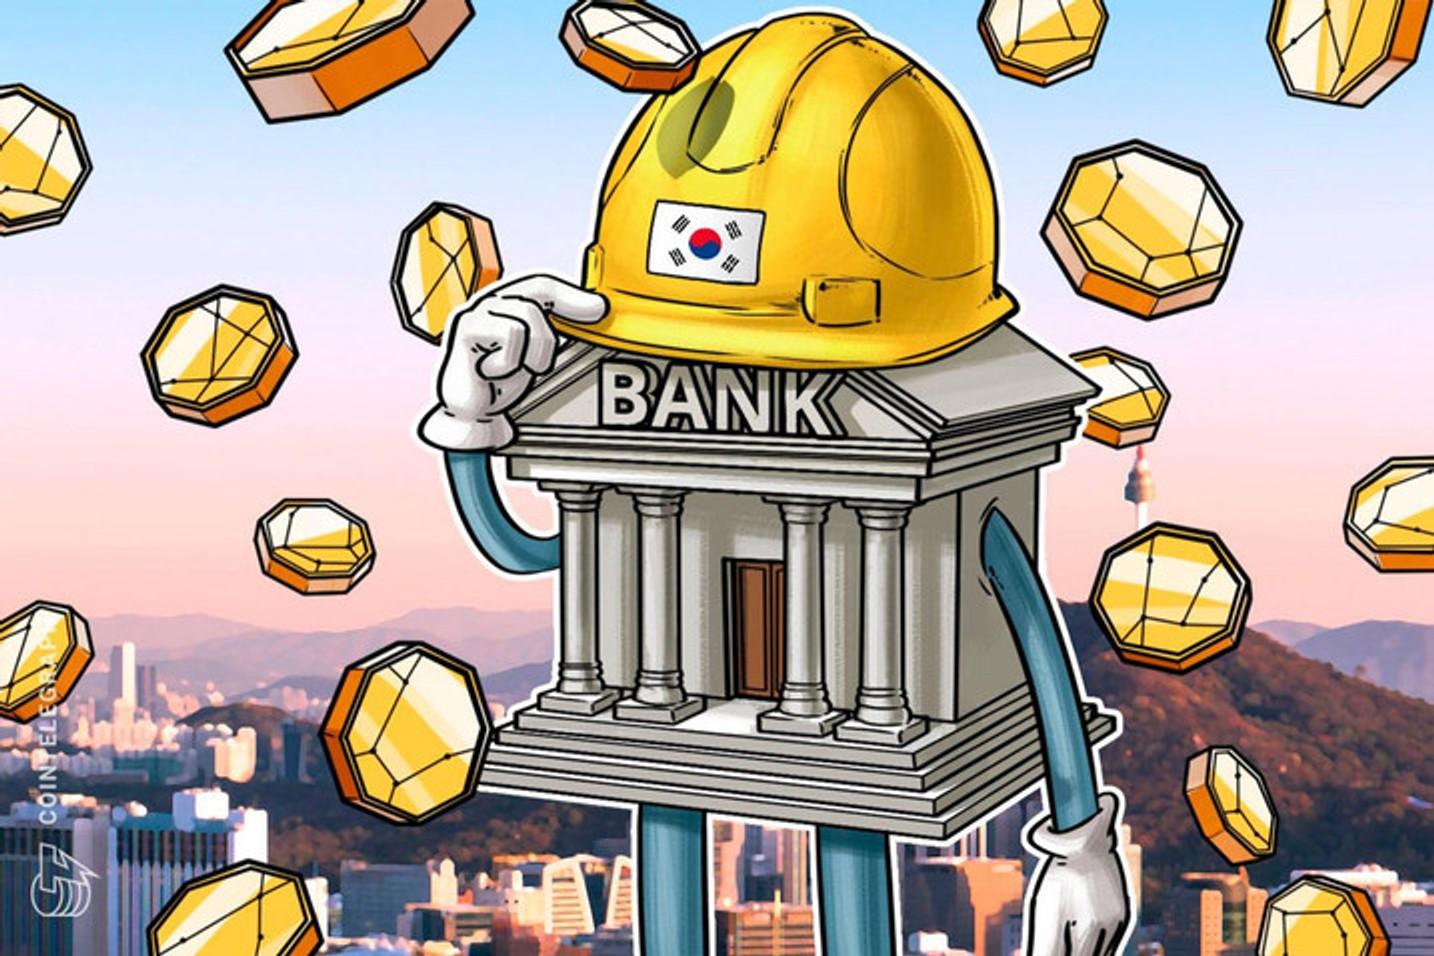 韓国の中央銀行 デジタル通貨発行で法律専門家グループ立ち上げ